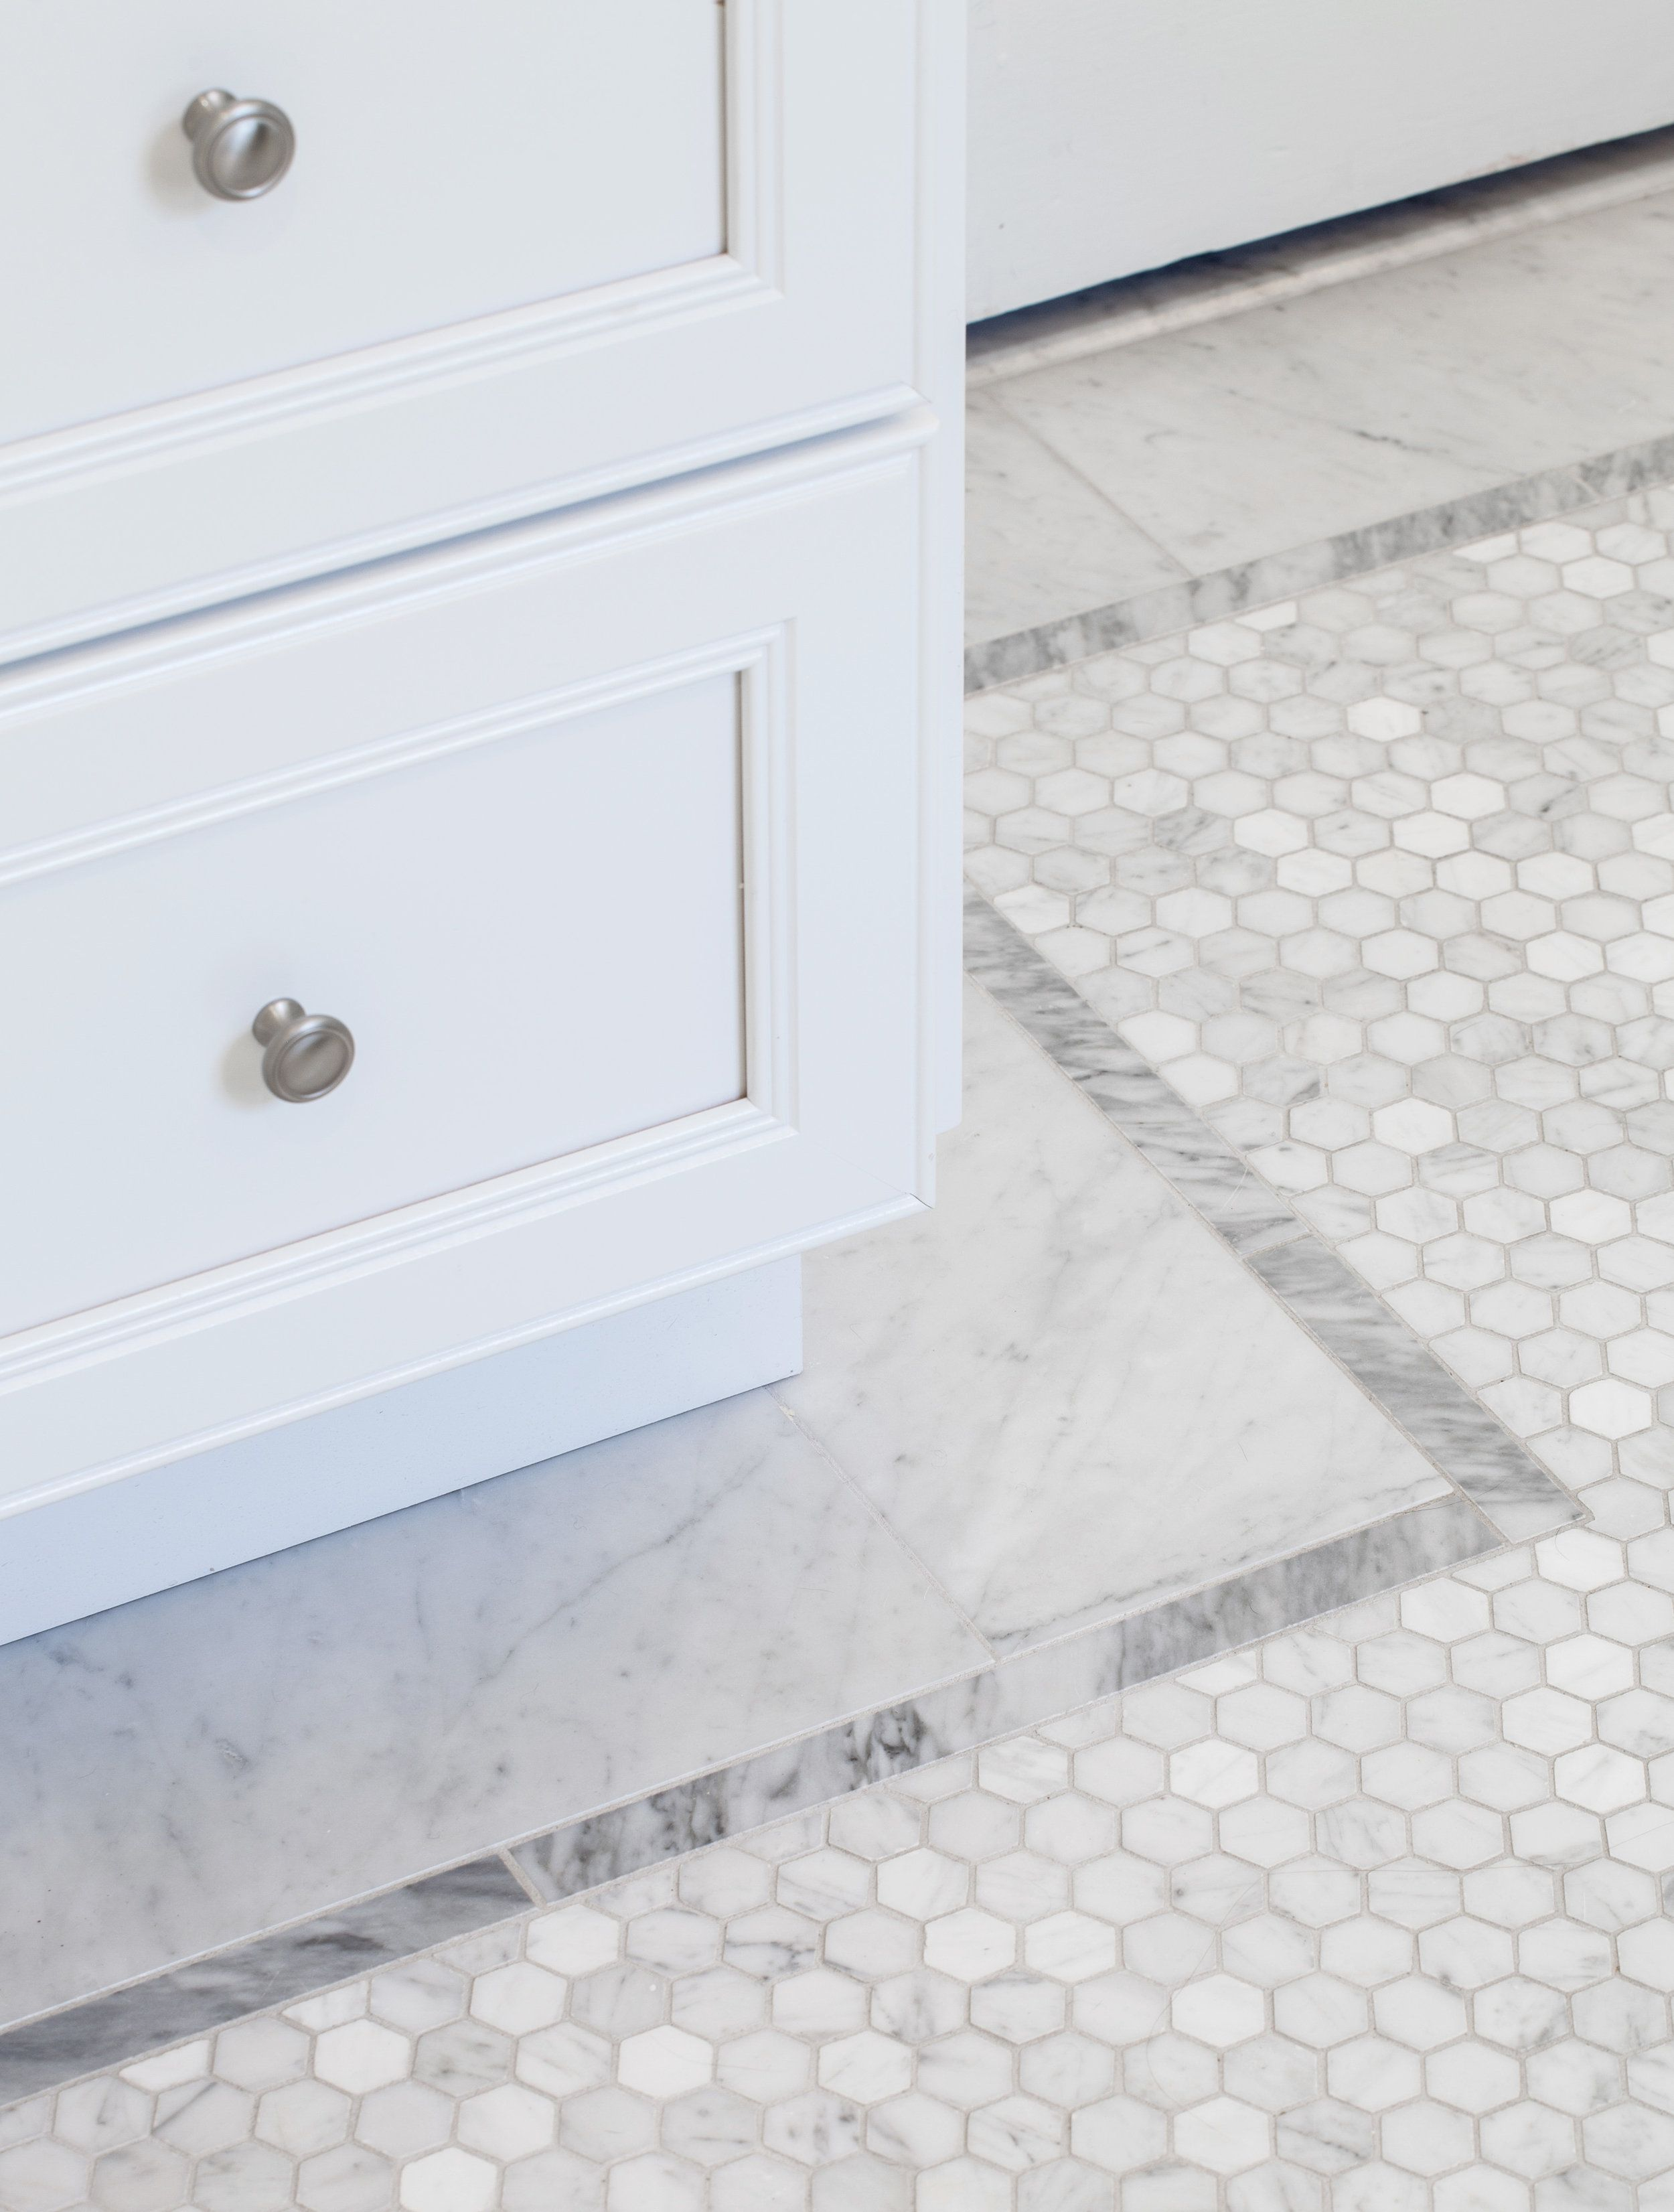 Carrera Hexagon Mosaic Floor Border Marble Mosaic Bathroom Floor Kgid Www Kategiese C Piso Mosaico Cuarto De Bano Con Mosaicos Disenos De Pisos De Baldosas